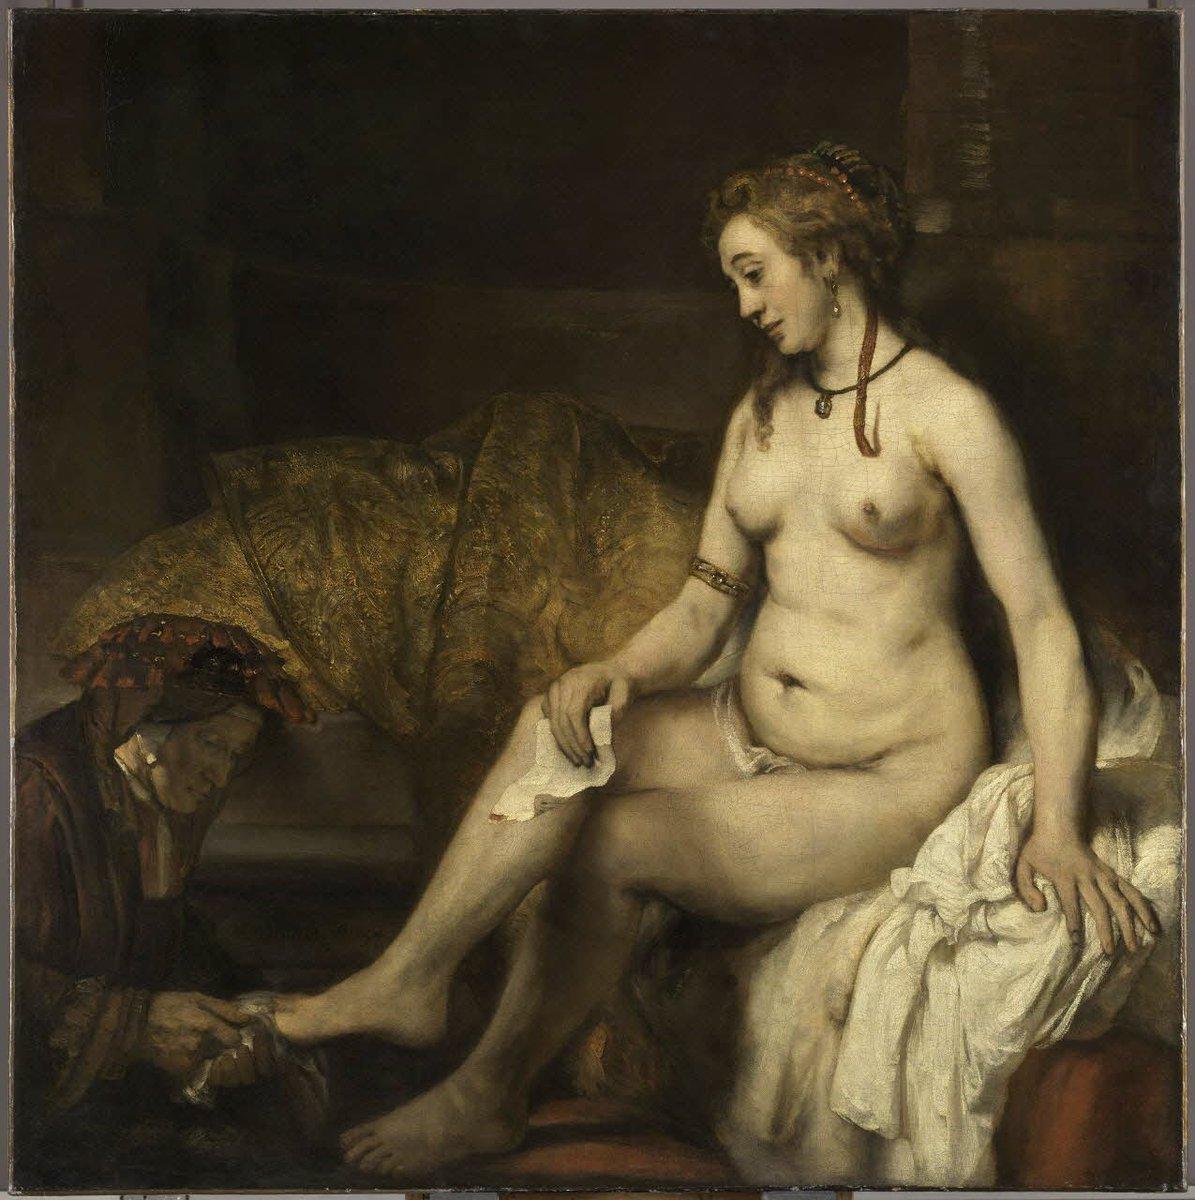 [#UnJourUneOeuvre] L'un des tableaux majeurs de Rembrandt, qui a concentré la représentation de l'épisode sur Bethsabée à sa toilette, infiniment troublée par le message du roi David.  👉https://t.co/w15kTi5VsJ #Peintures